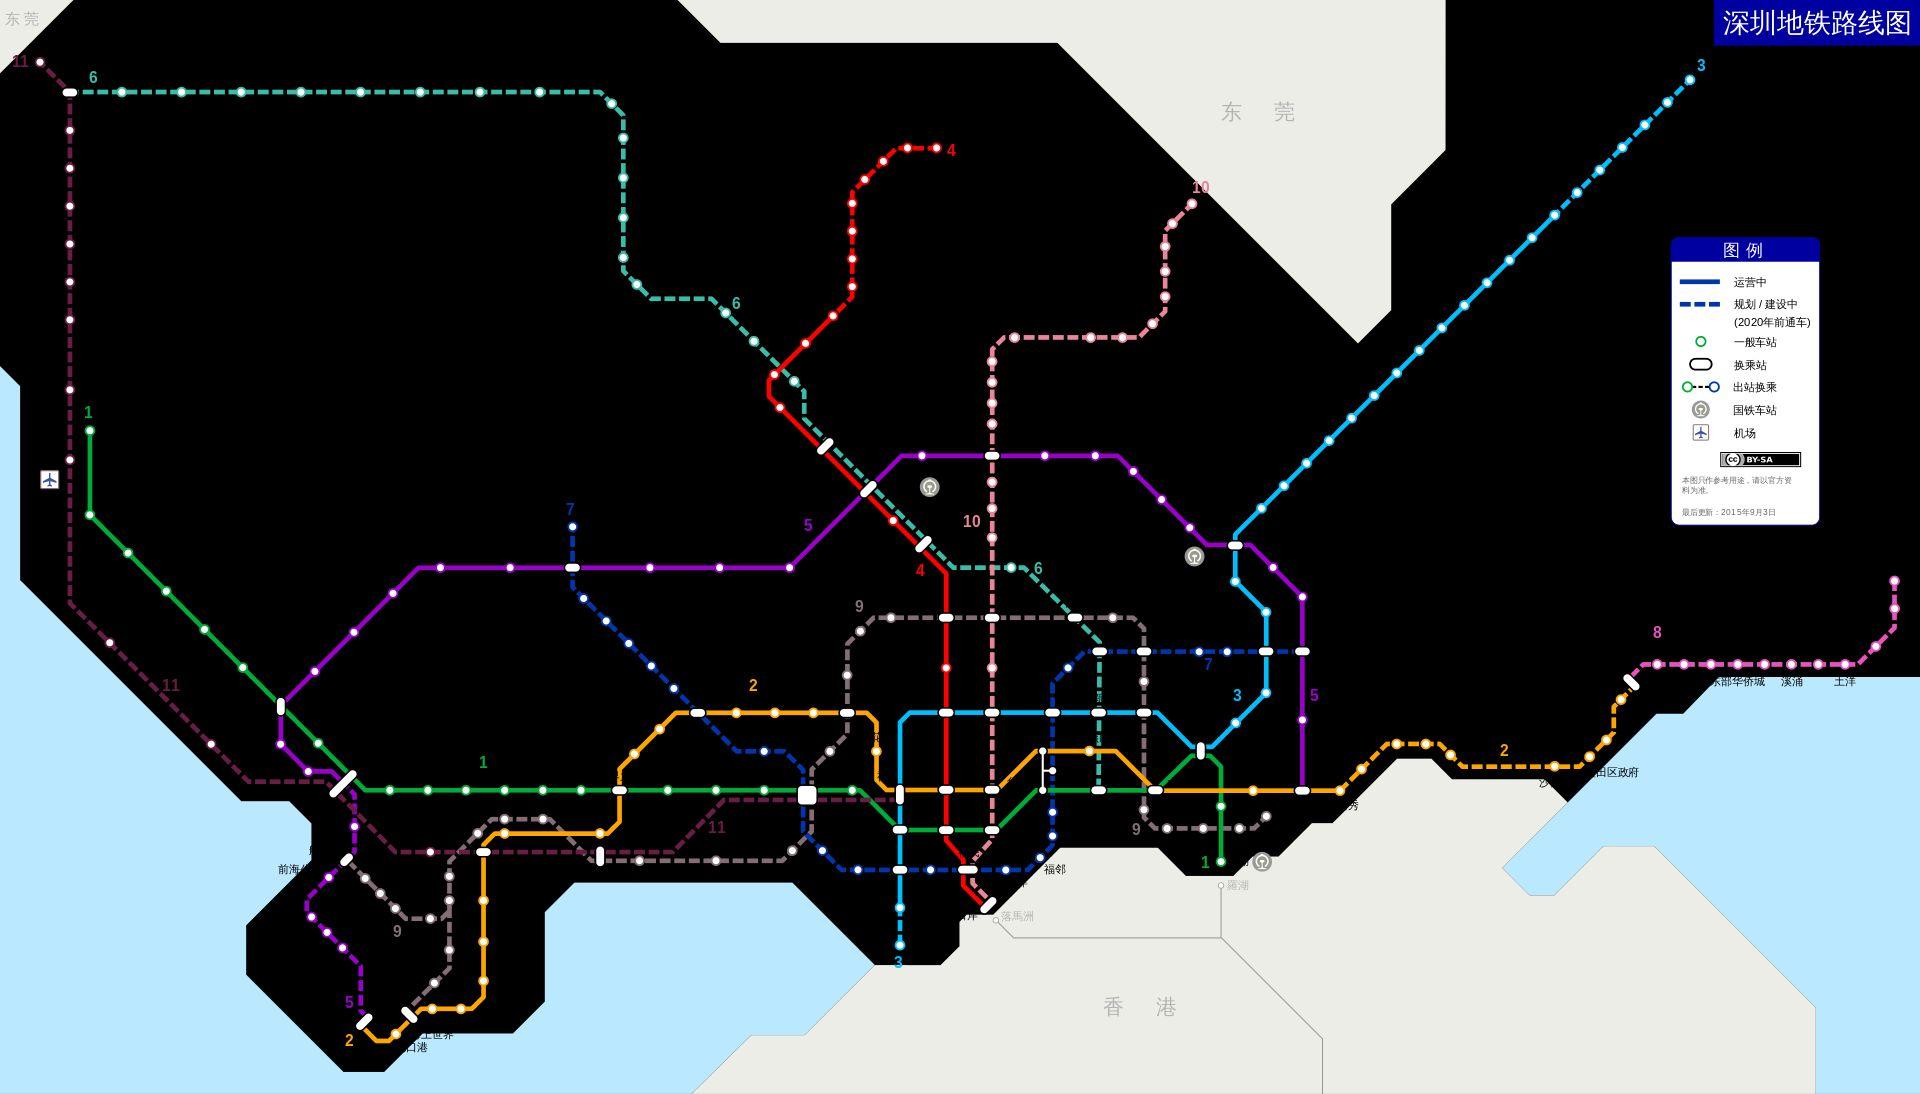 深圳地铁11号线线路图